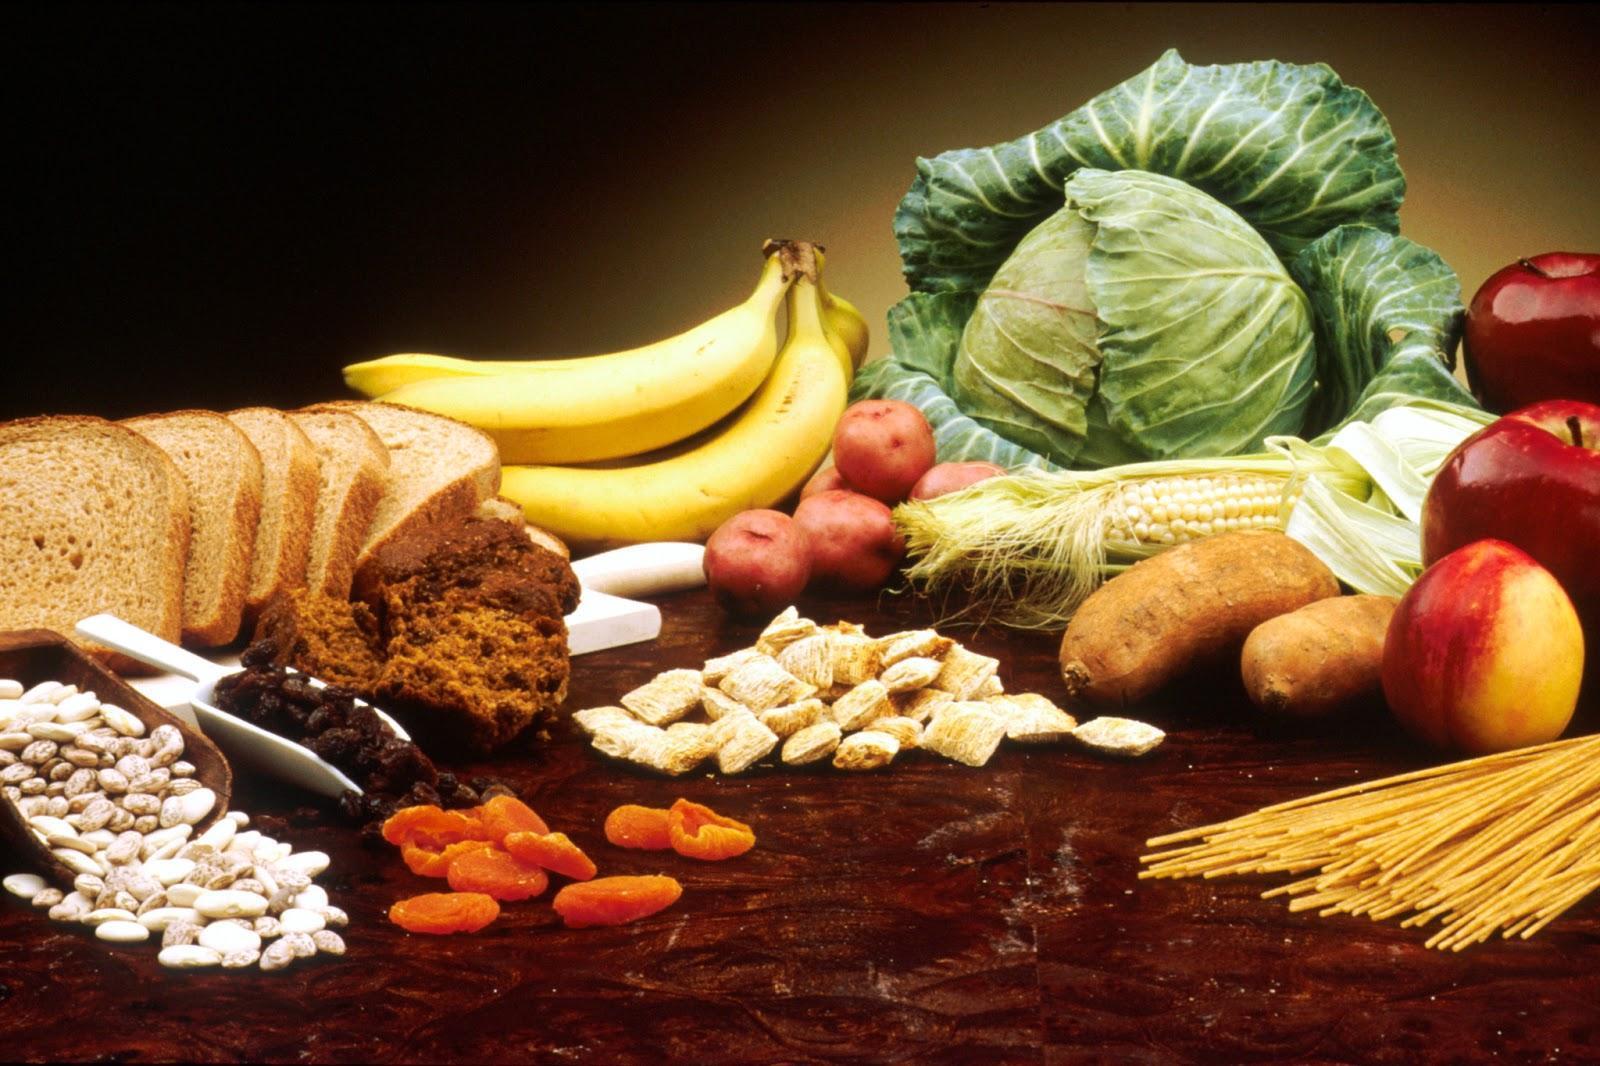 Trânsito Intestinal: Dicas Para Melhorar o Trânsito Intestinal